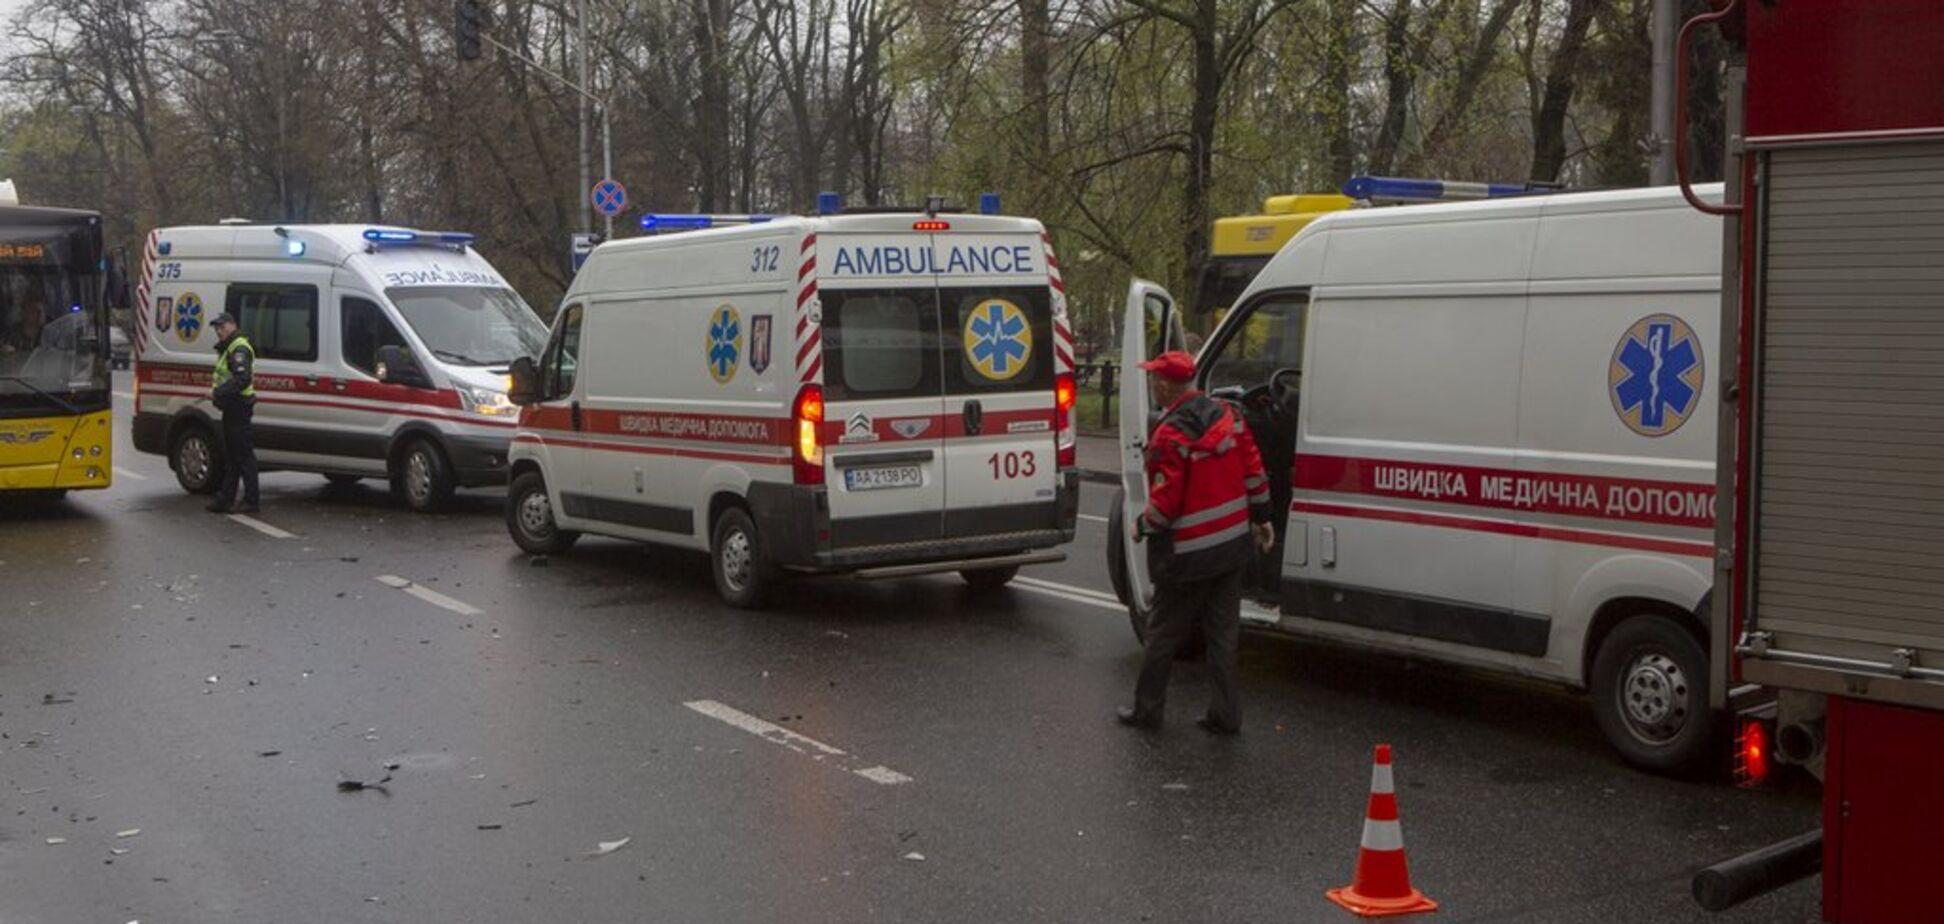 В центре Киева произошло масштабное ДТП с 4 авто: есть пострадавшие